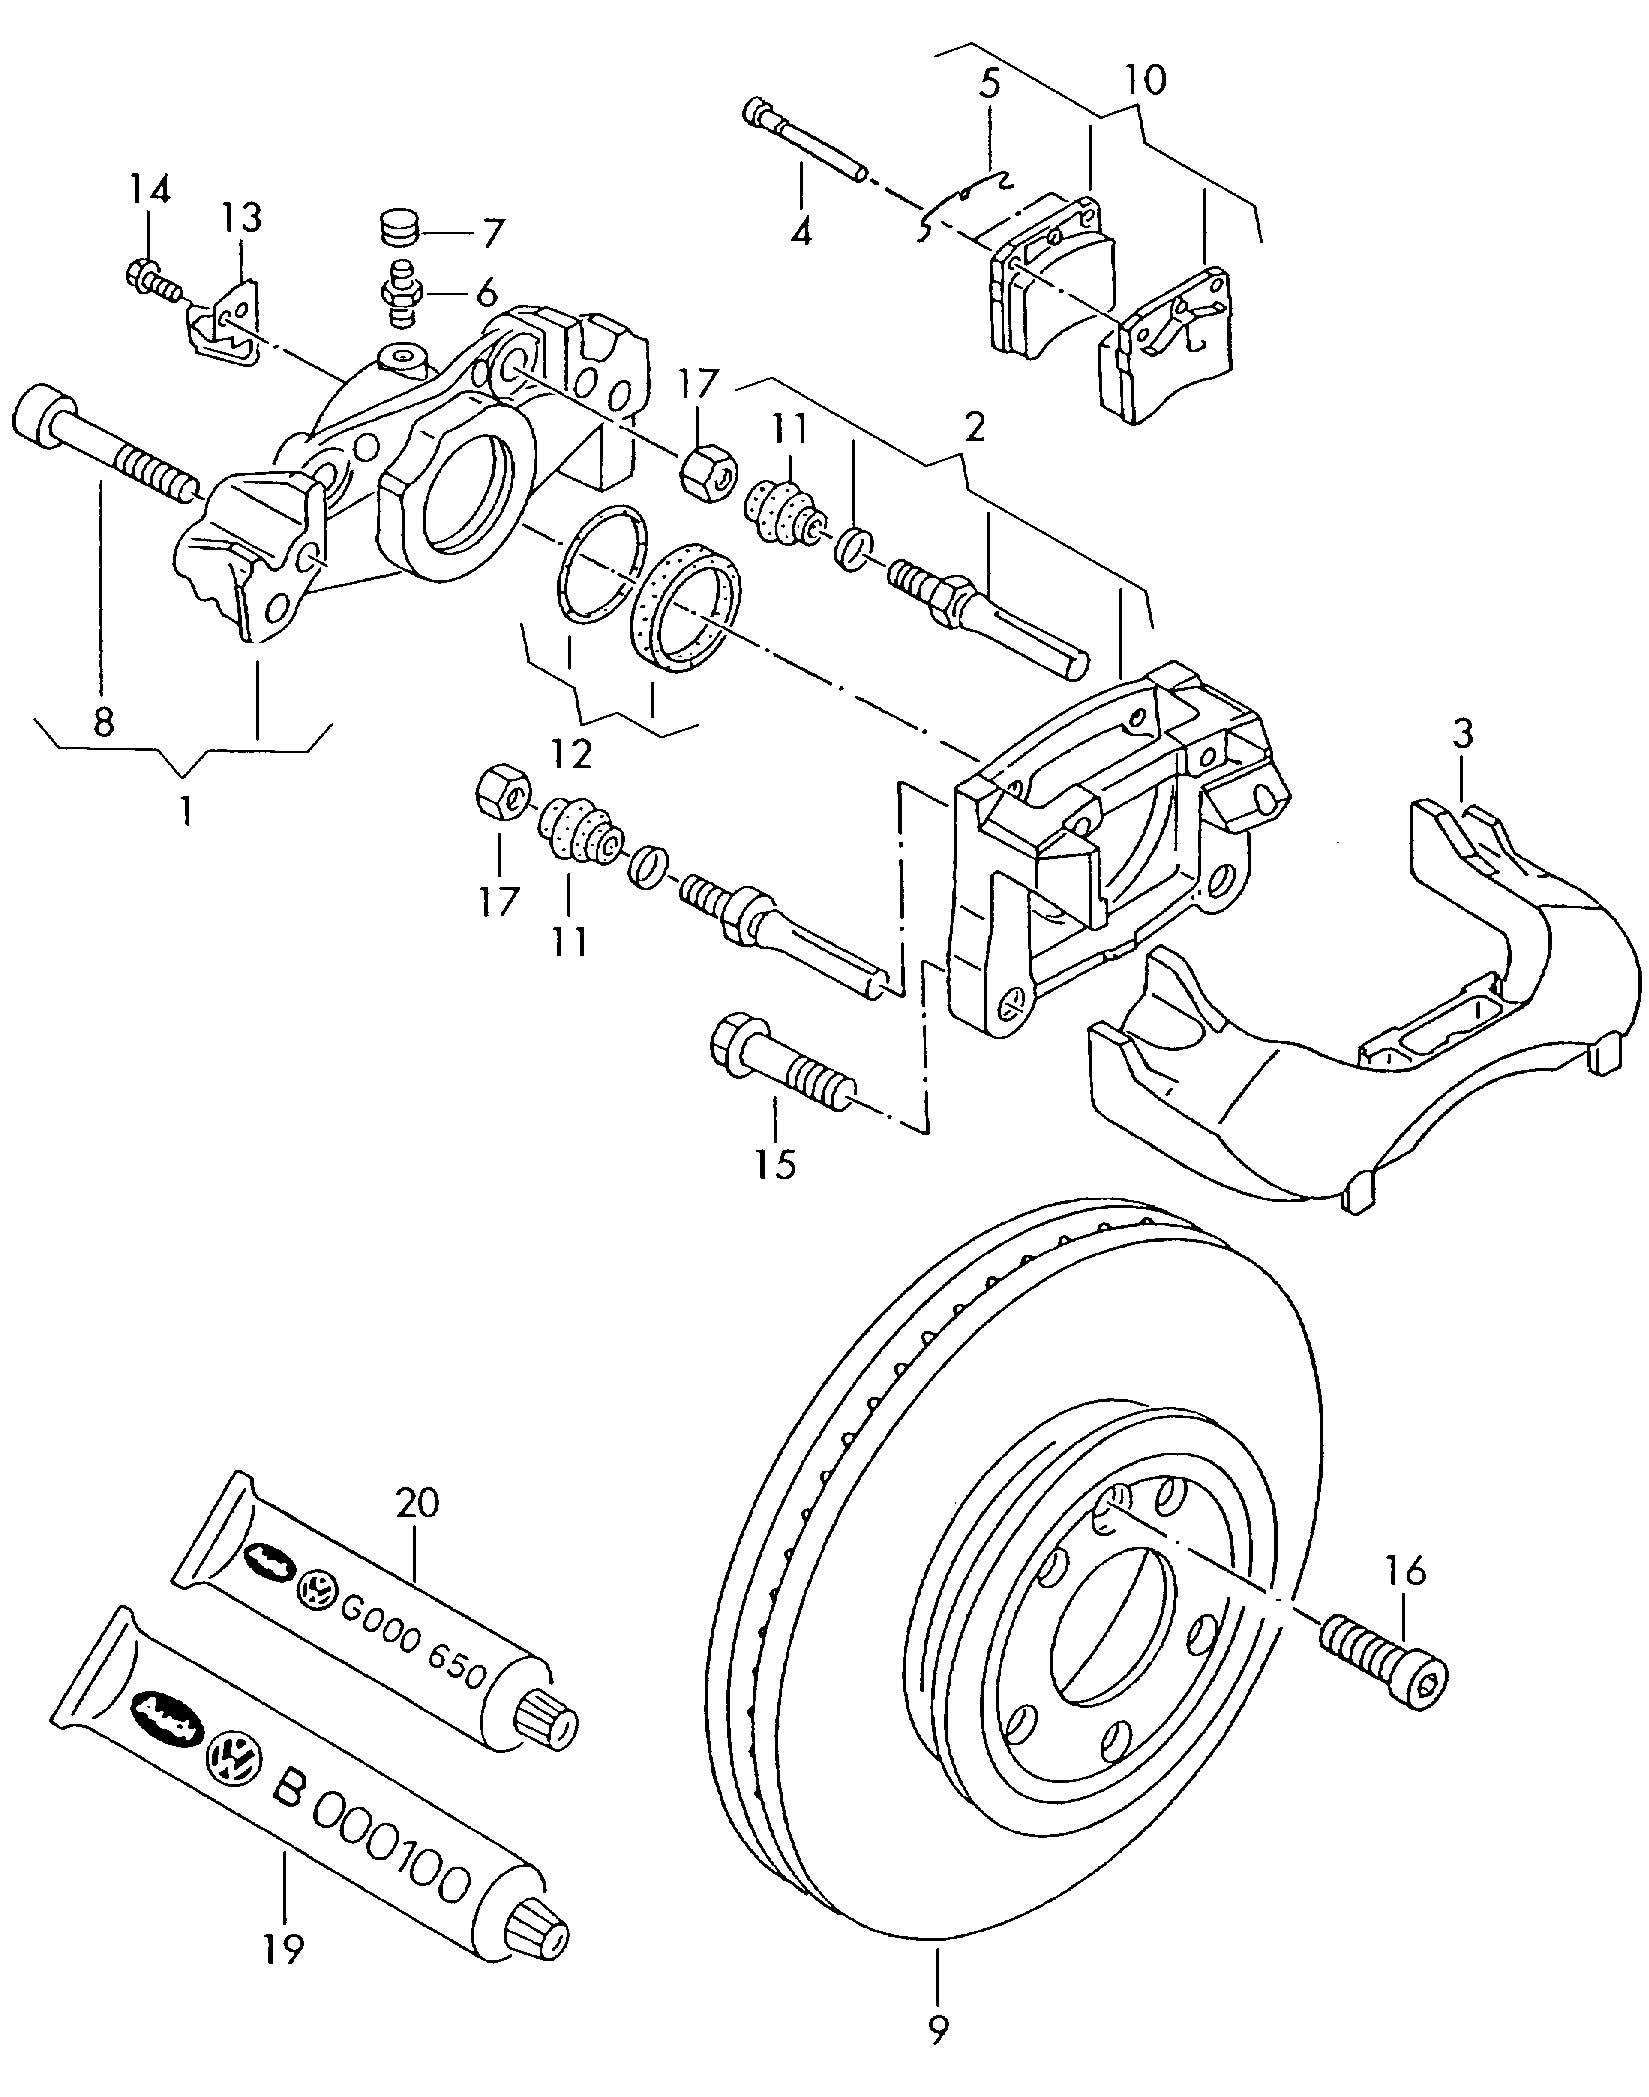 25 Vw Passat Front Suspension Diagram